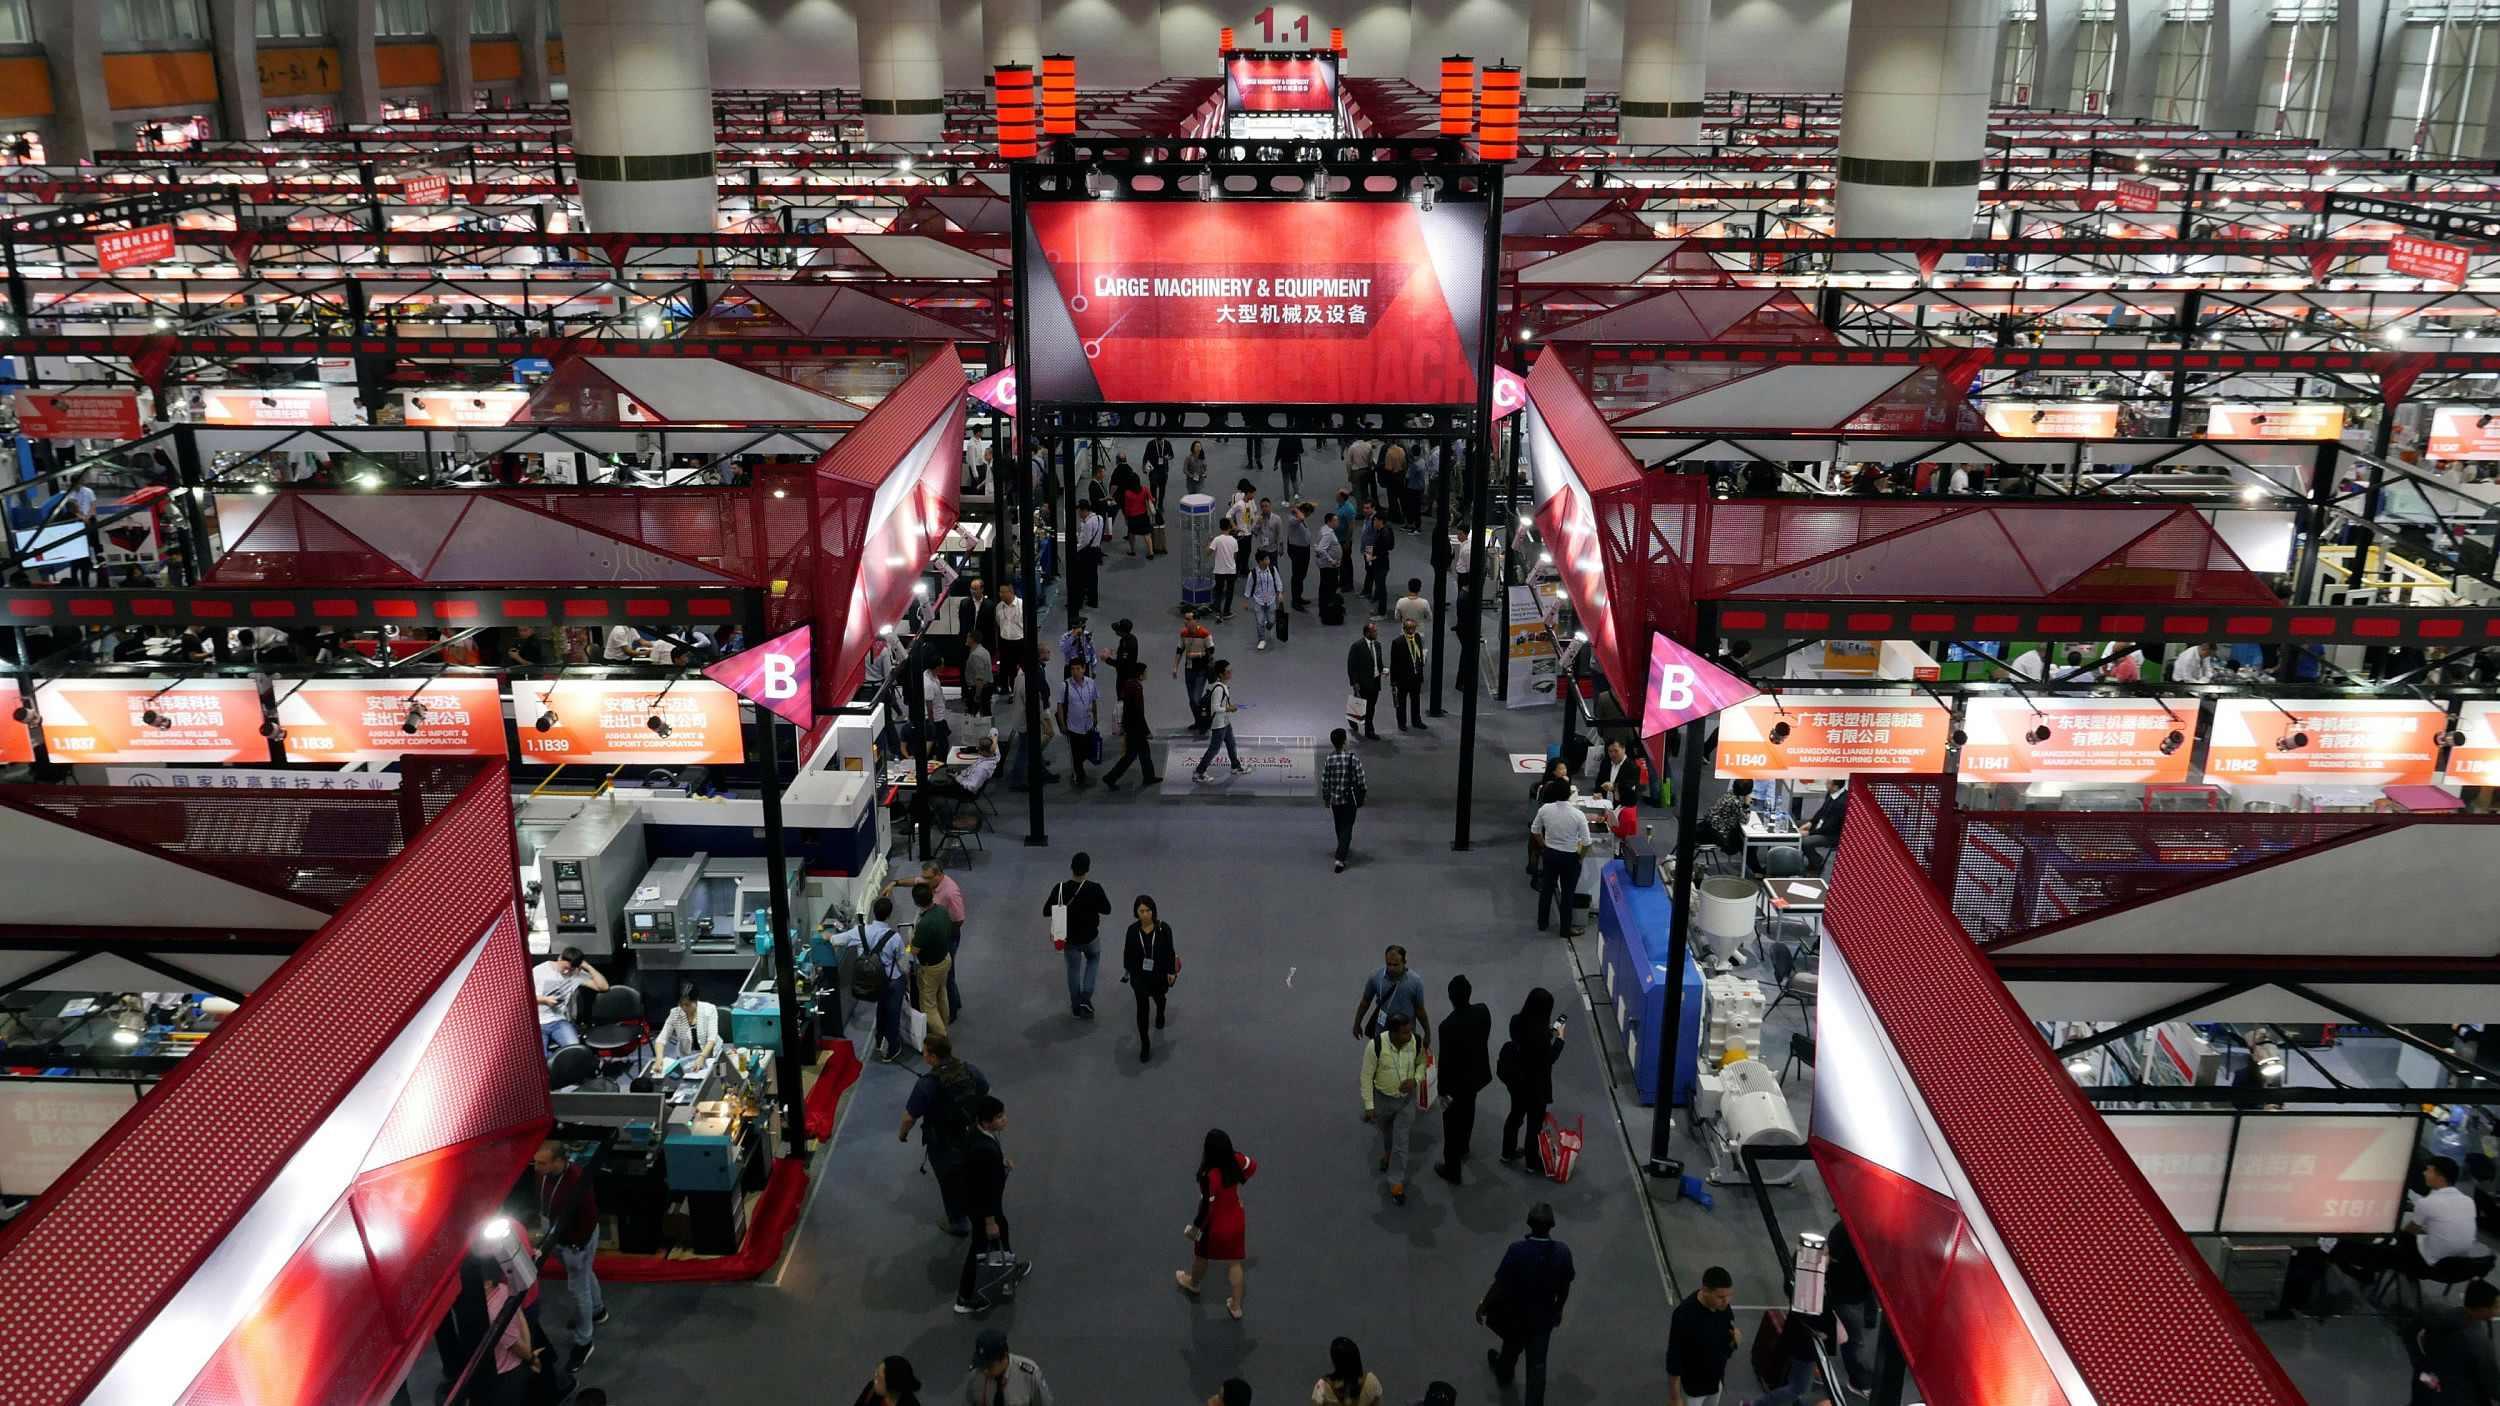 eFACiLiTY® – Facility Management (CAFM / EAM / CMMS) Software at Nanjing International Trade Fair, China